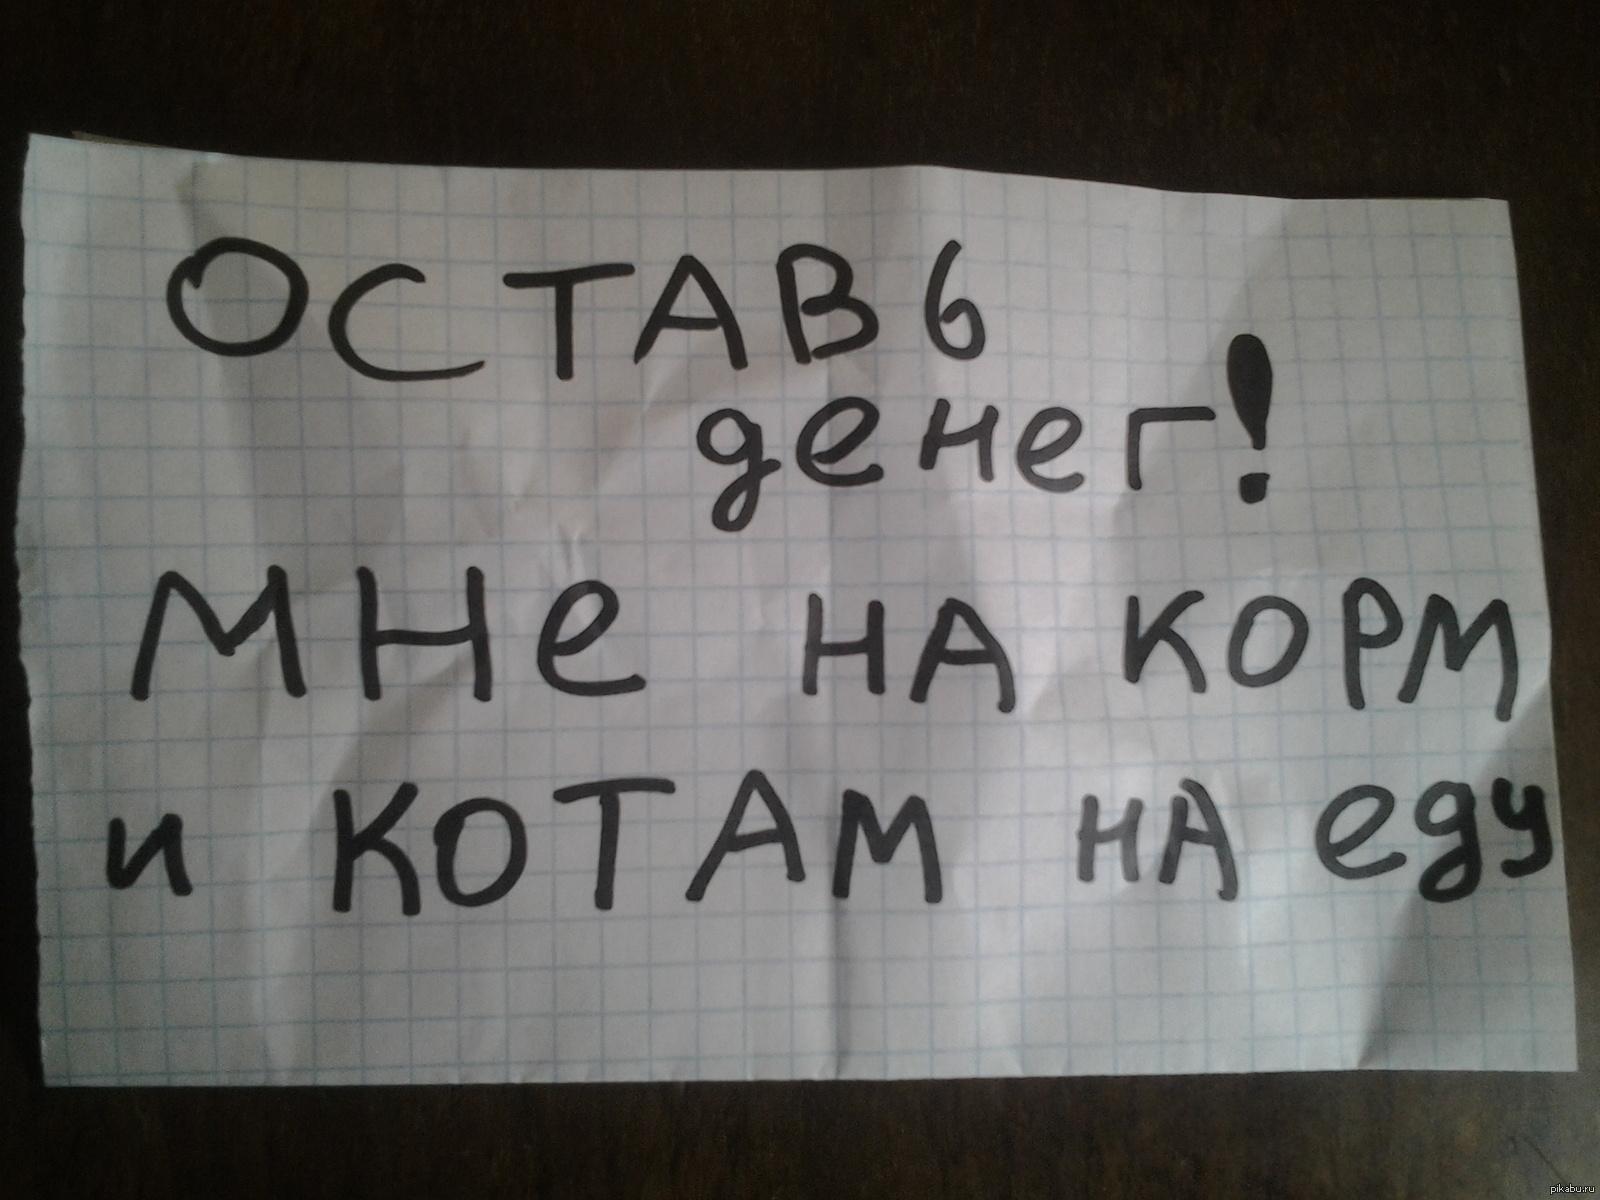 http://s.pikabu.ru/post_img/big/2013/05/31/10/1370015183_1466395566.jpg